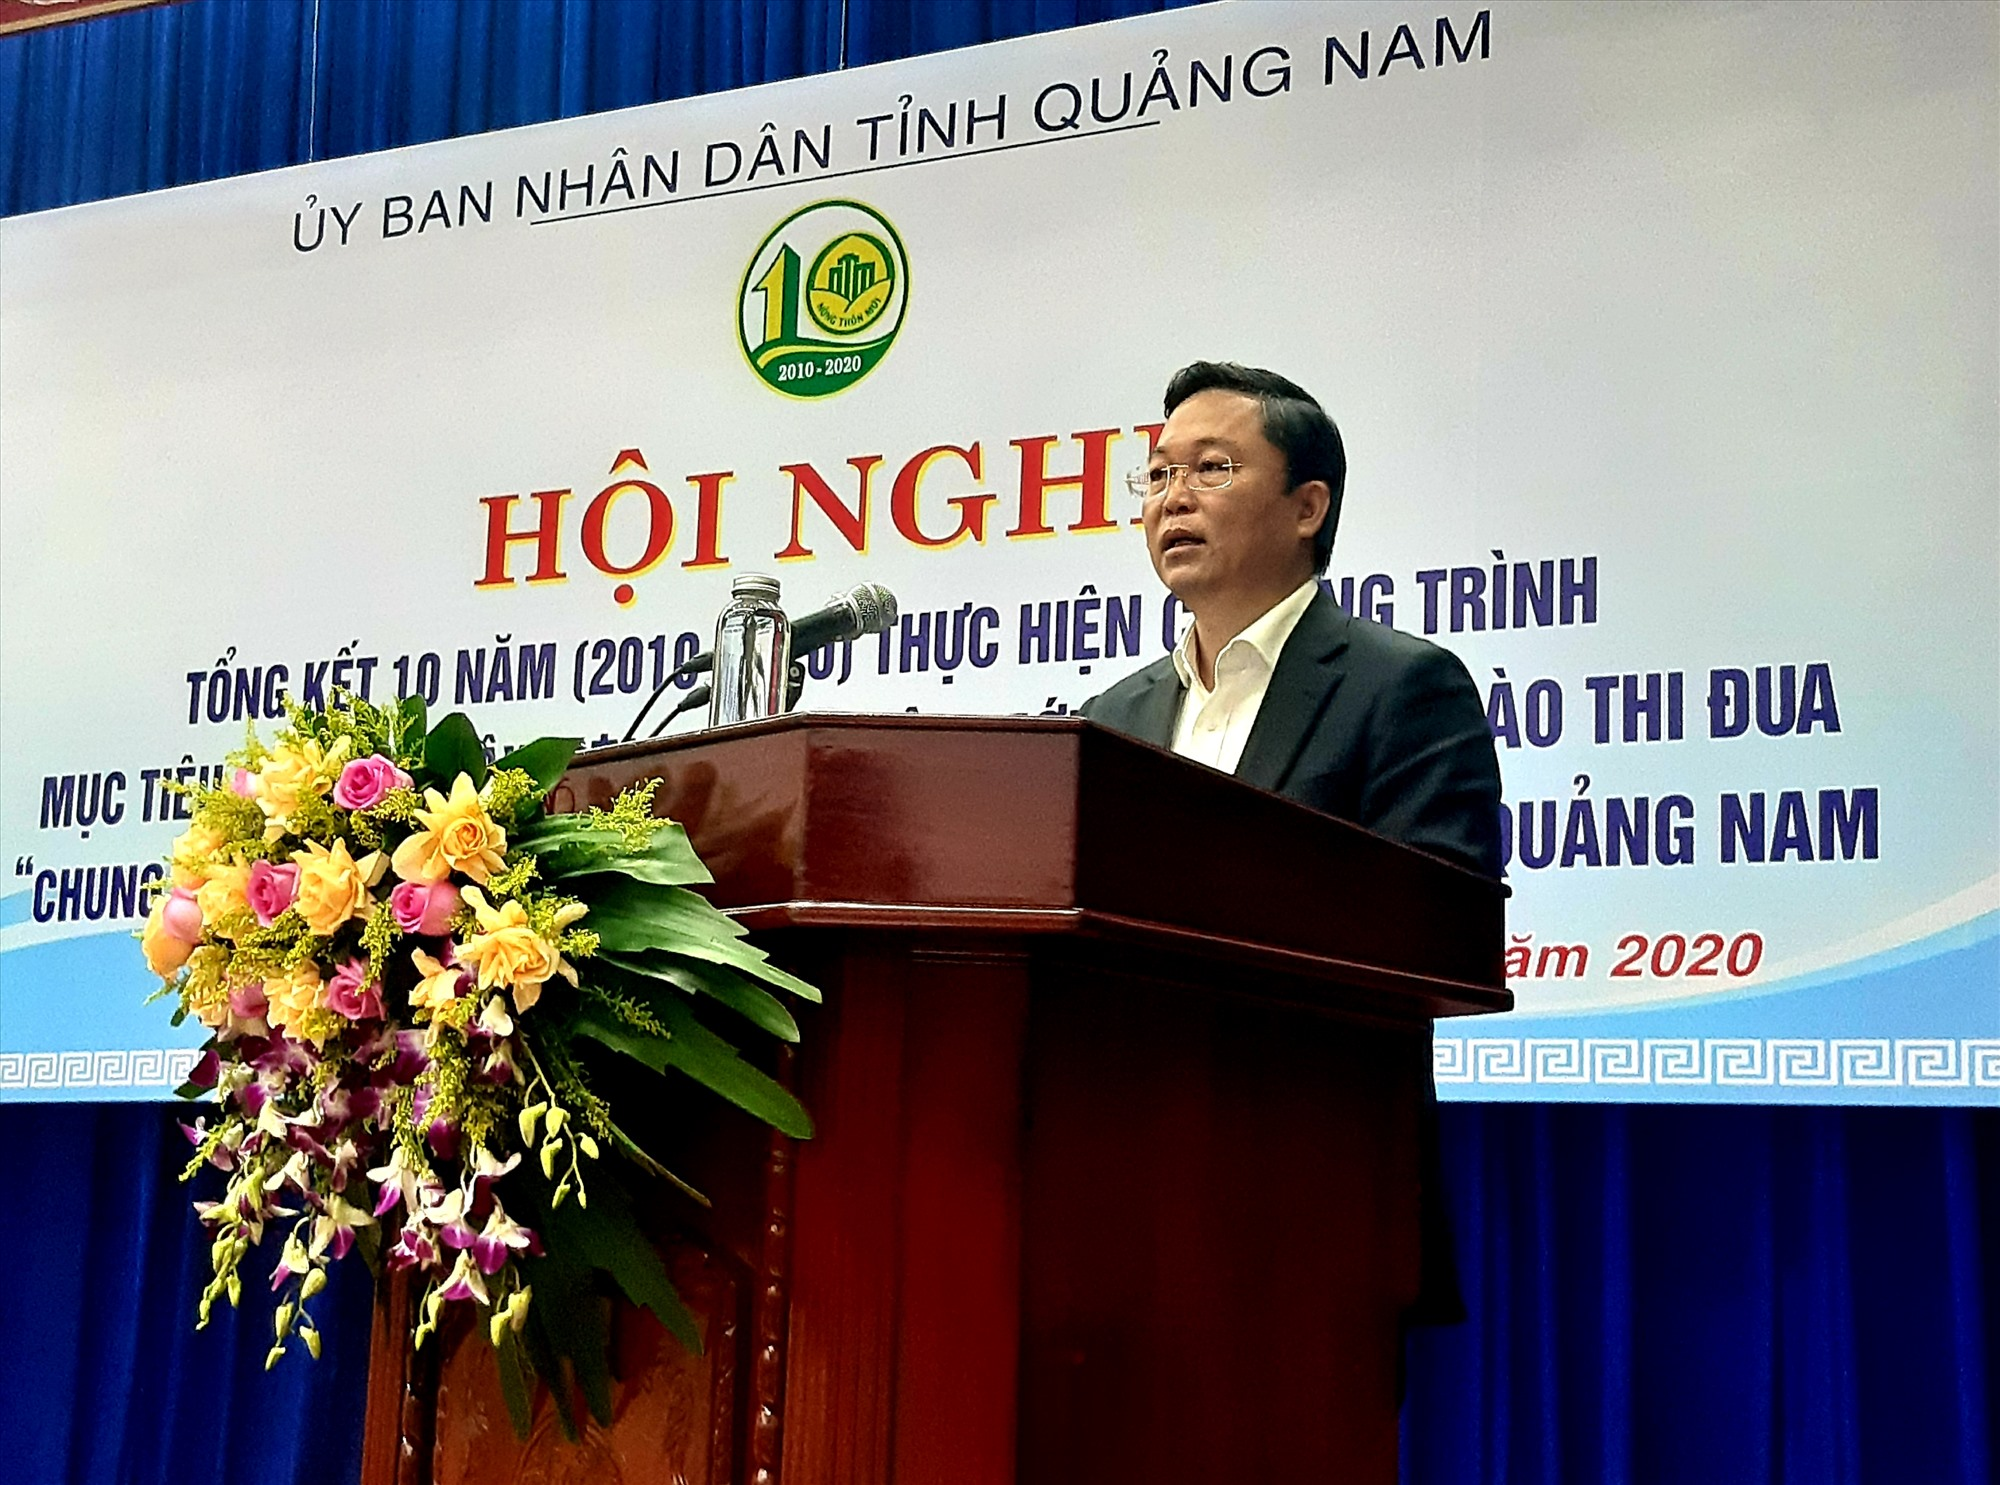 Chủ tịch UBND tỉnh Lê Trí Thanh phát biểu chỉ đạo tại hội nghị.   Ảnh: VĂN SỰ